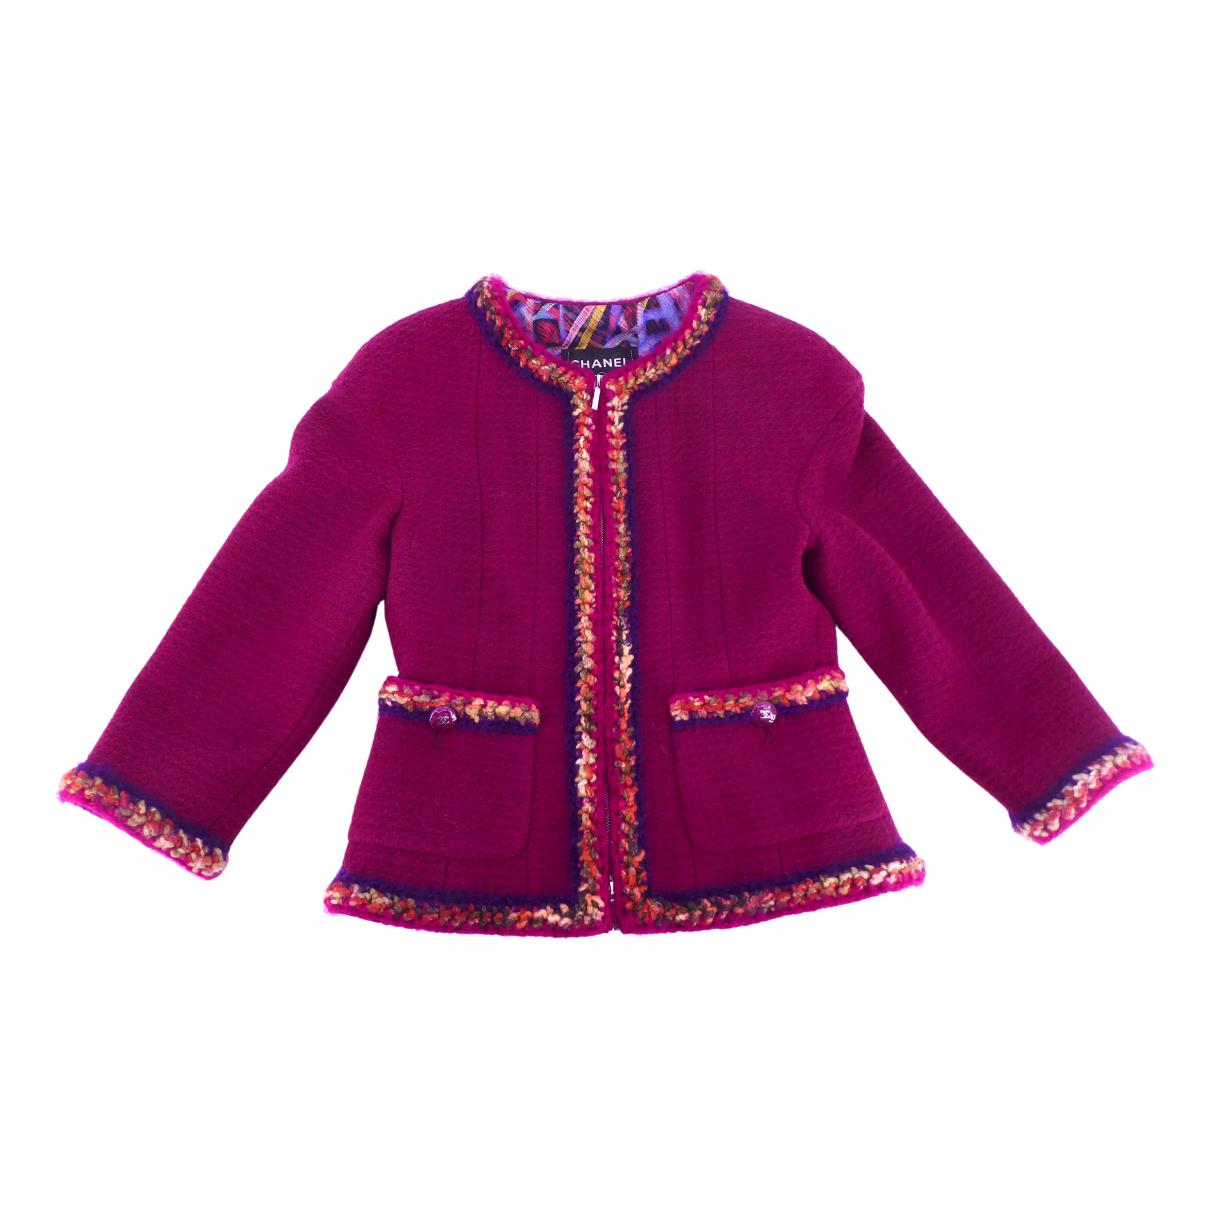 Chanel - Veste   pour femme en laine - bordeaux